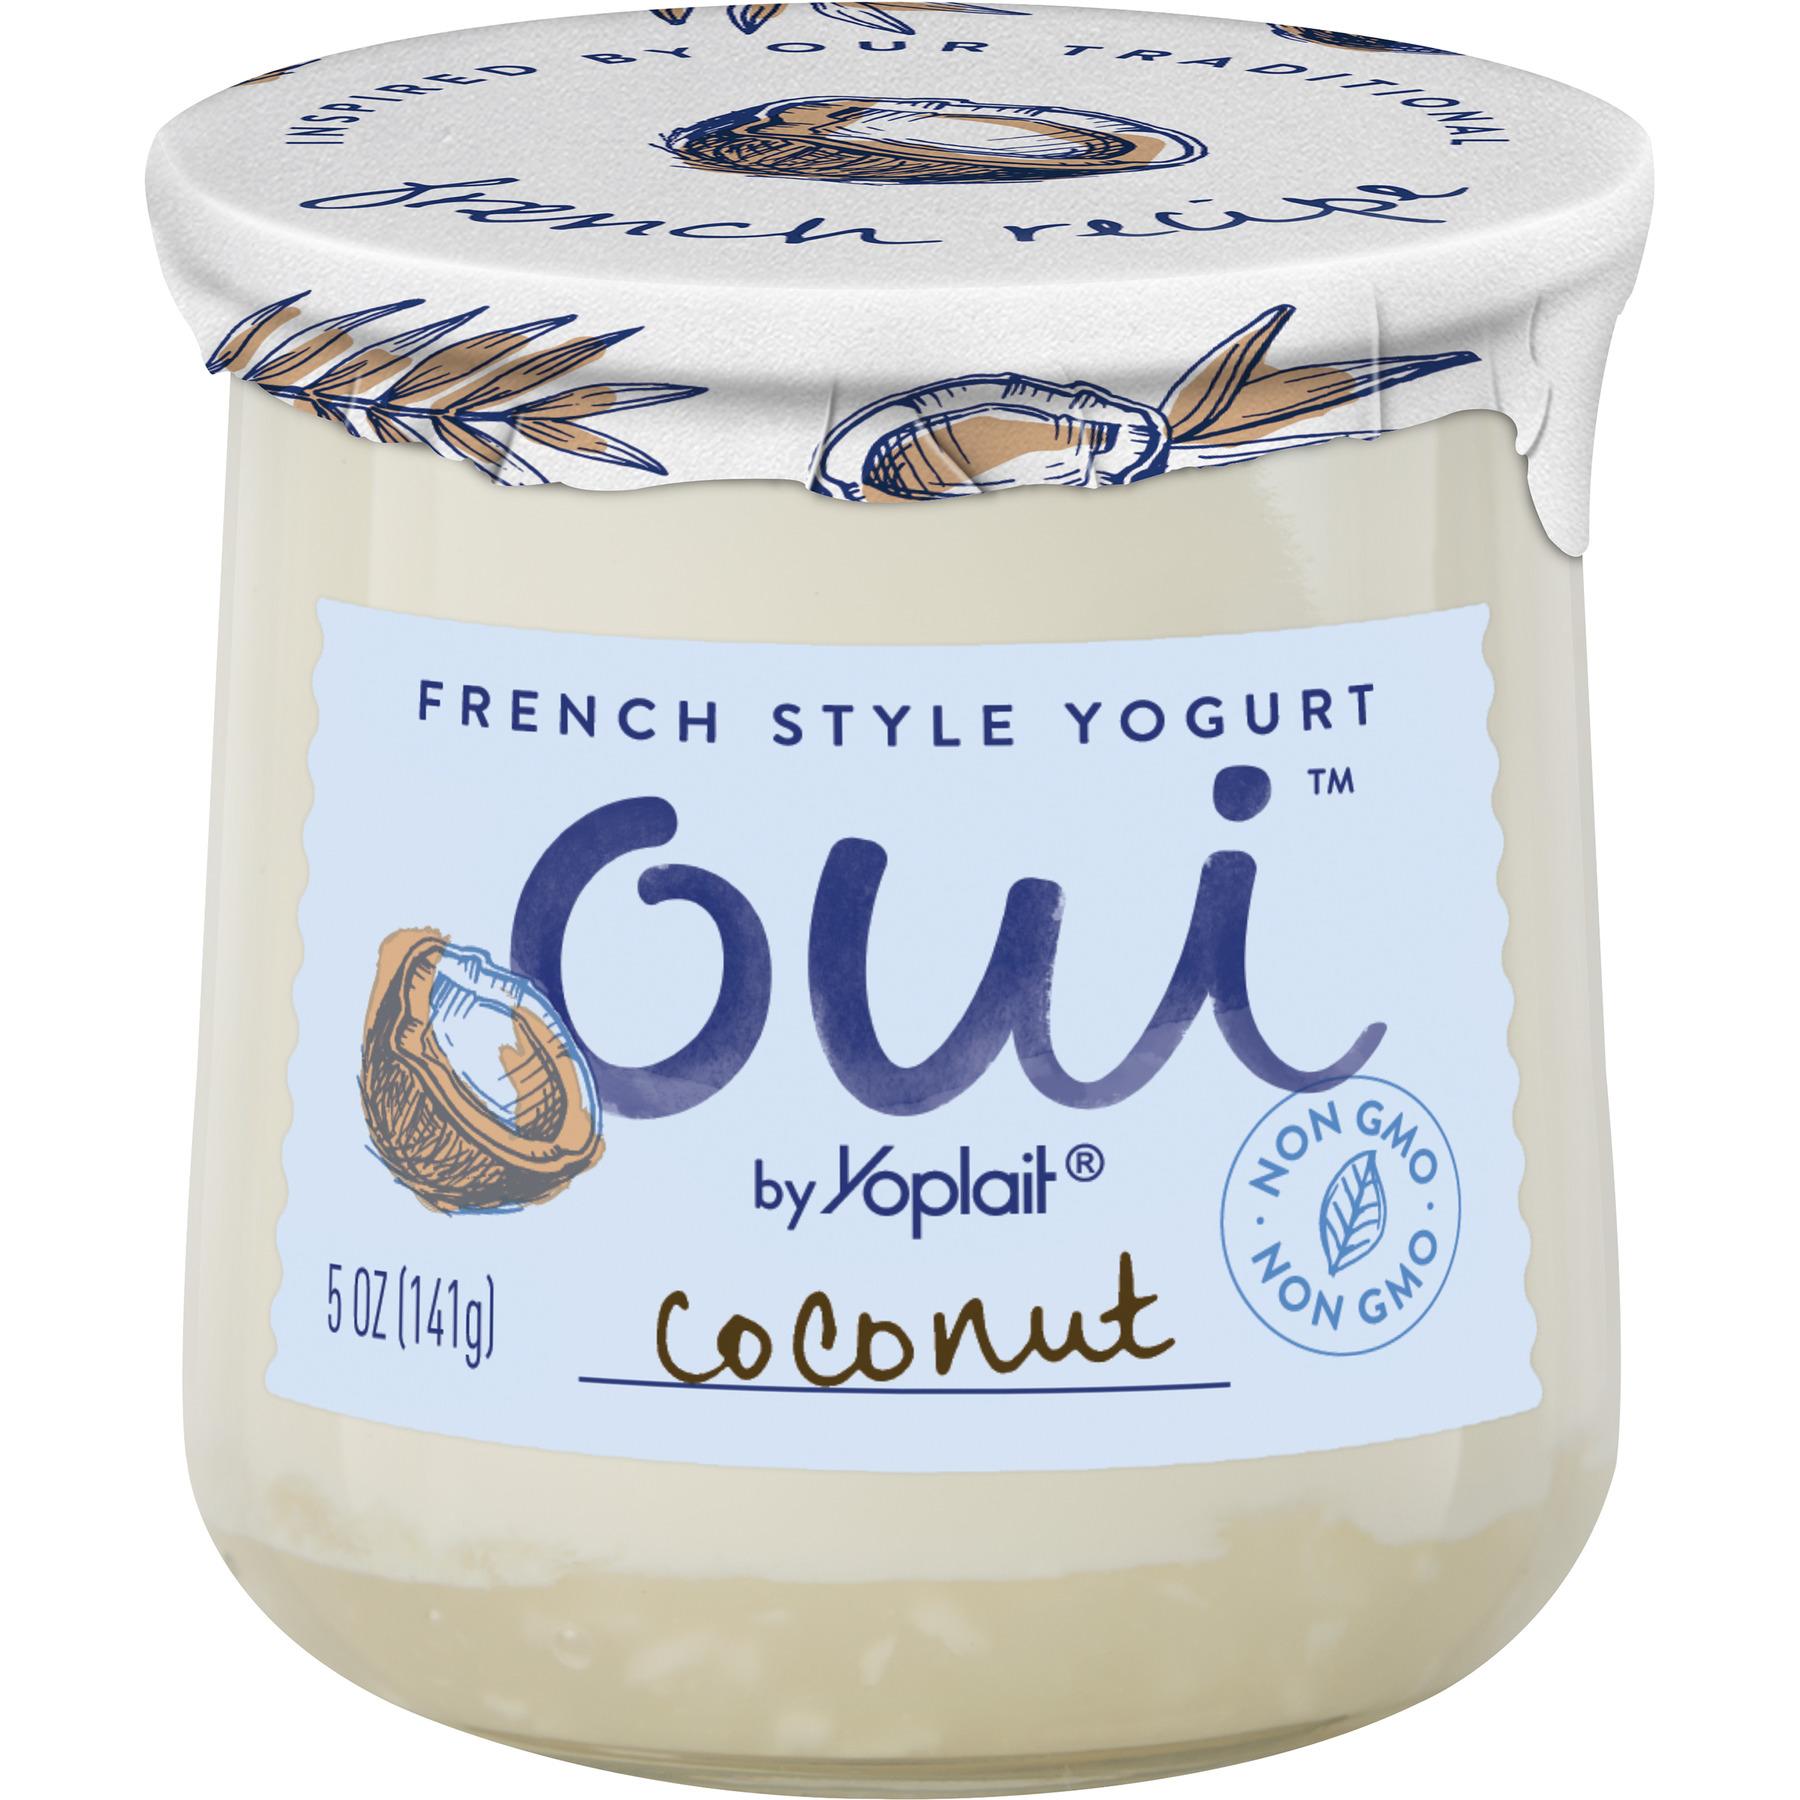 Oui by Yoplait Coconut French Style Yogurt, 5 Oz.